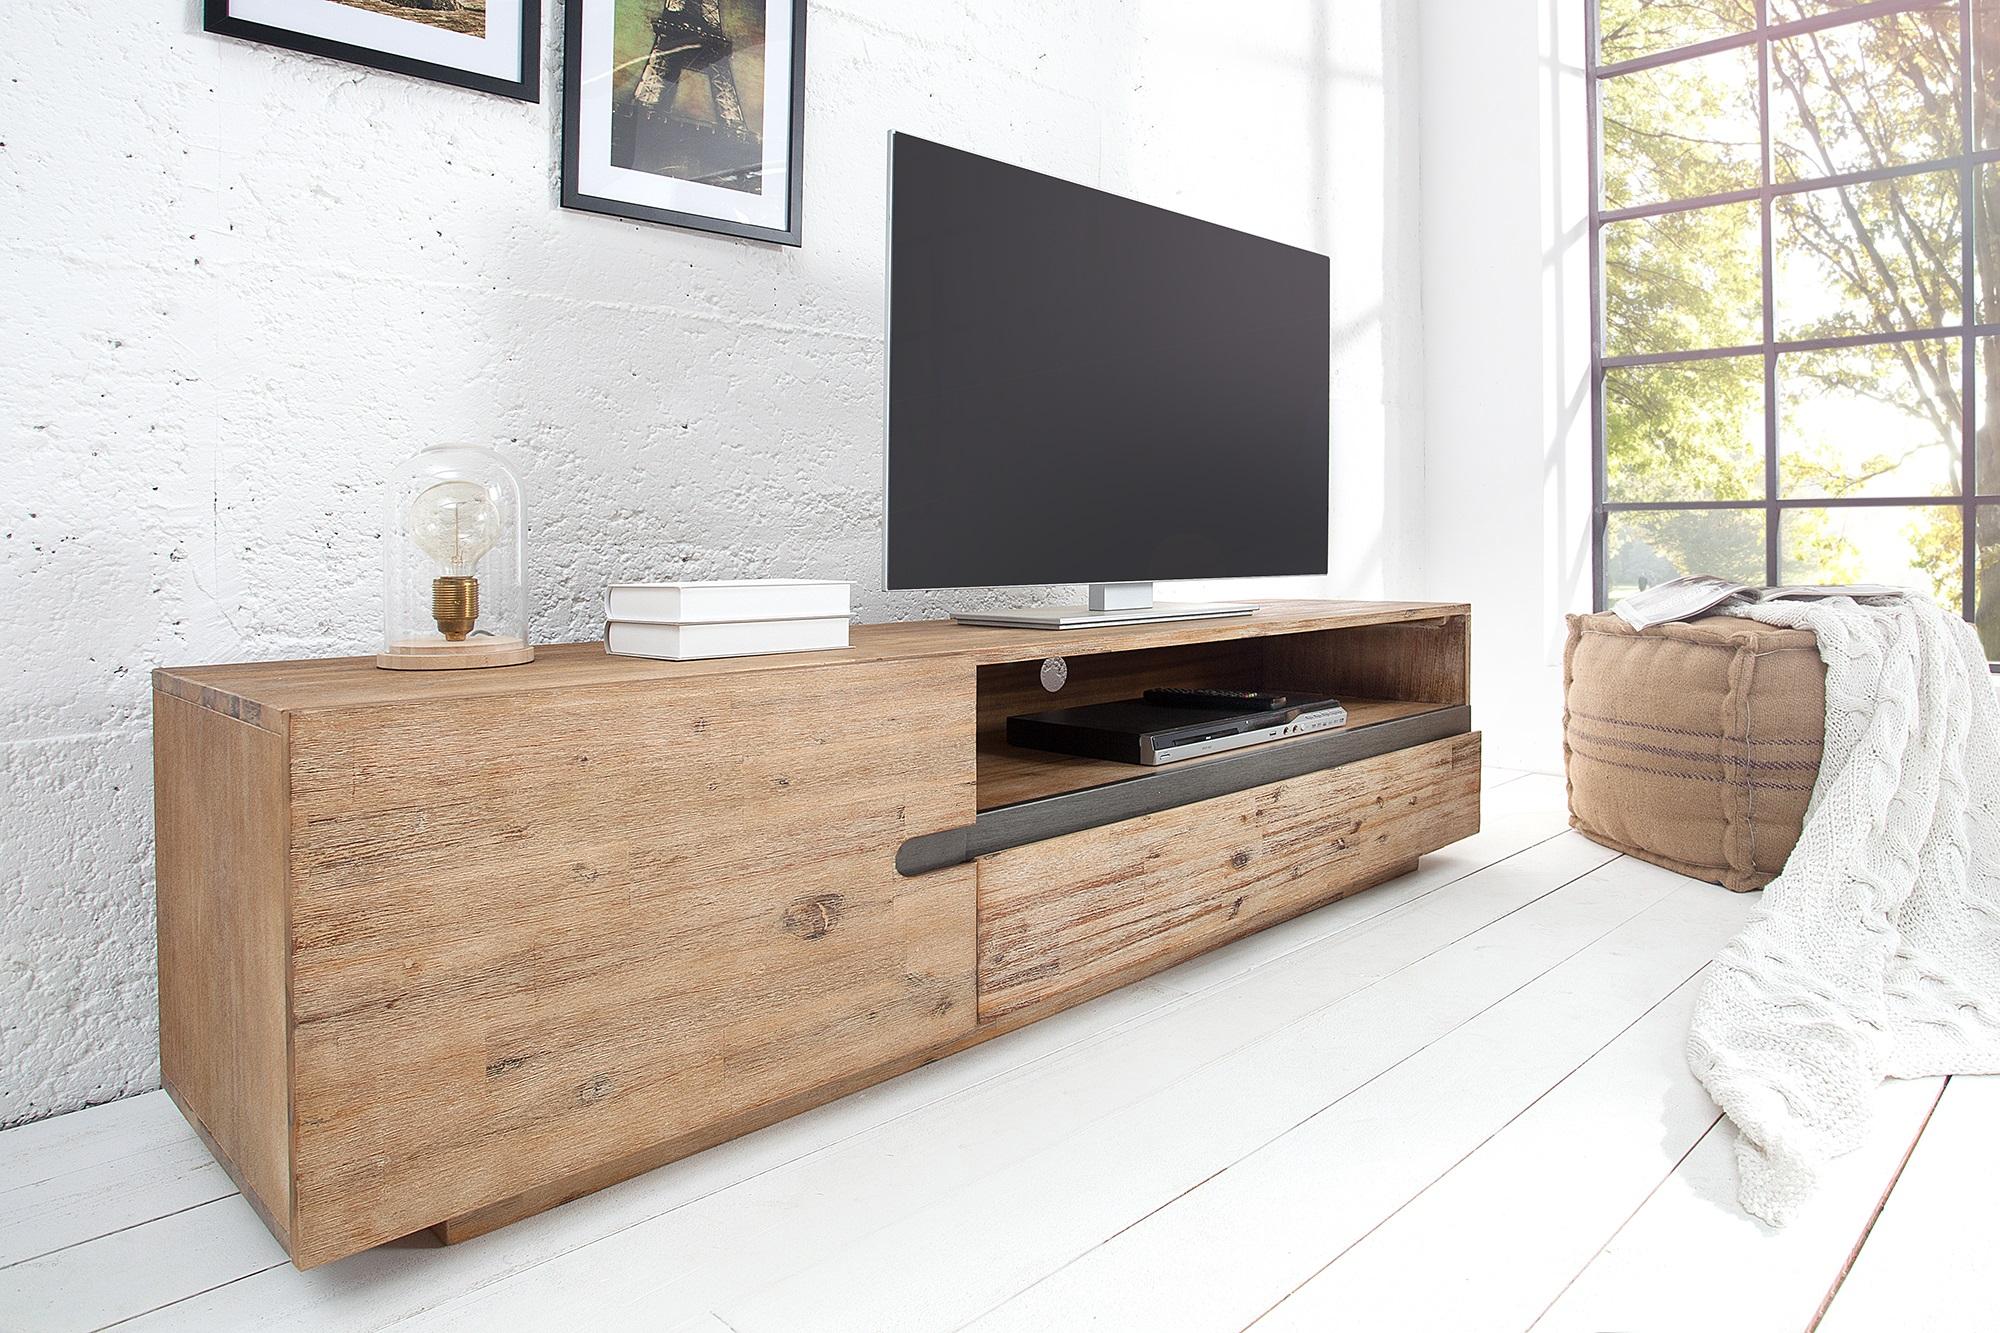 Tv Meubel Teakhout : Tv meubel teak grijs kopen meubeldeals